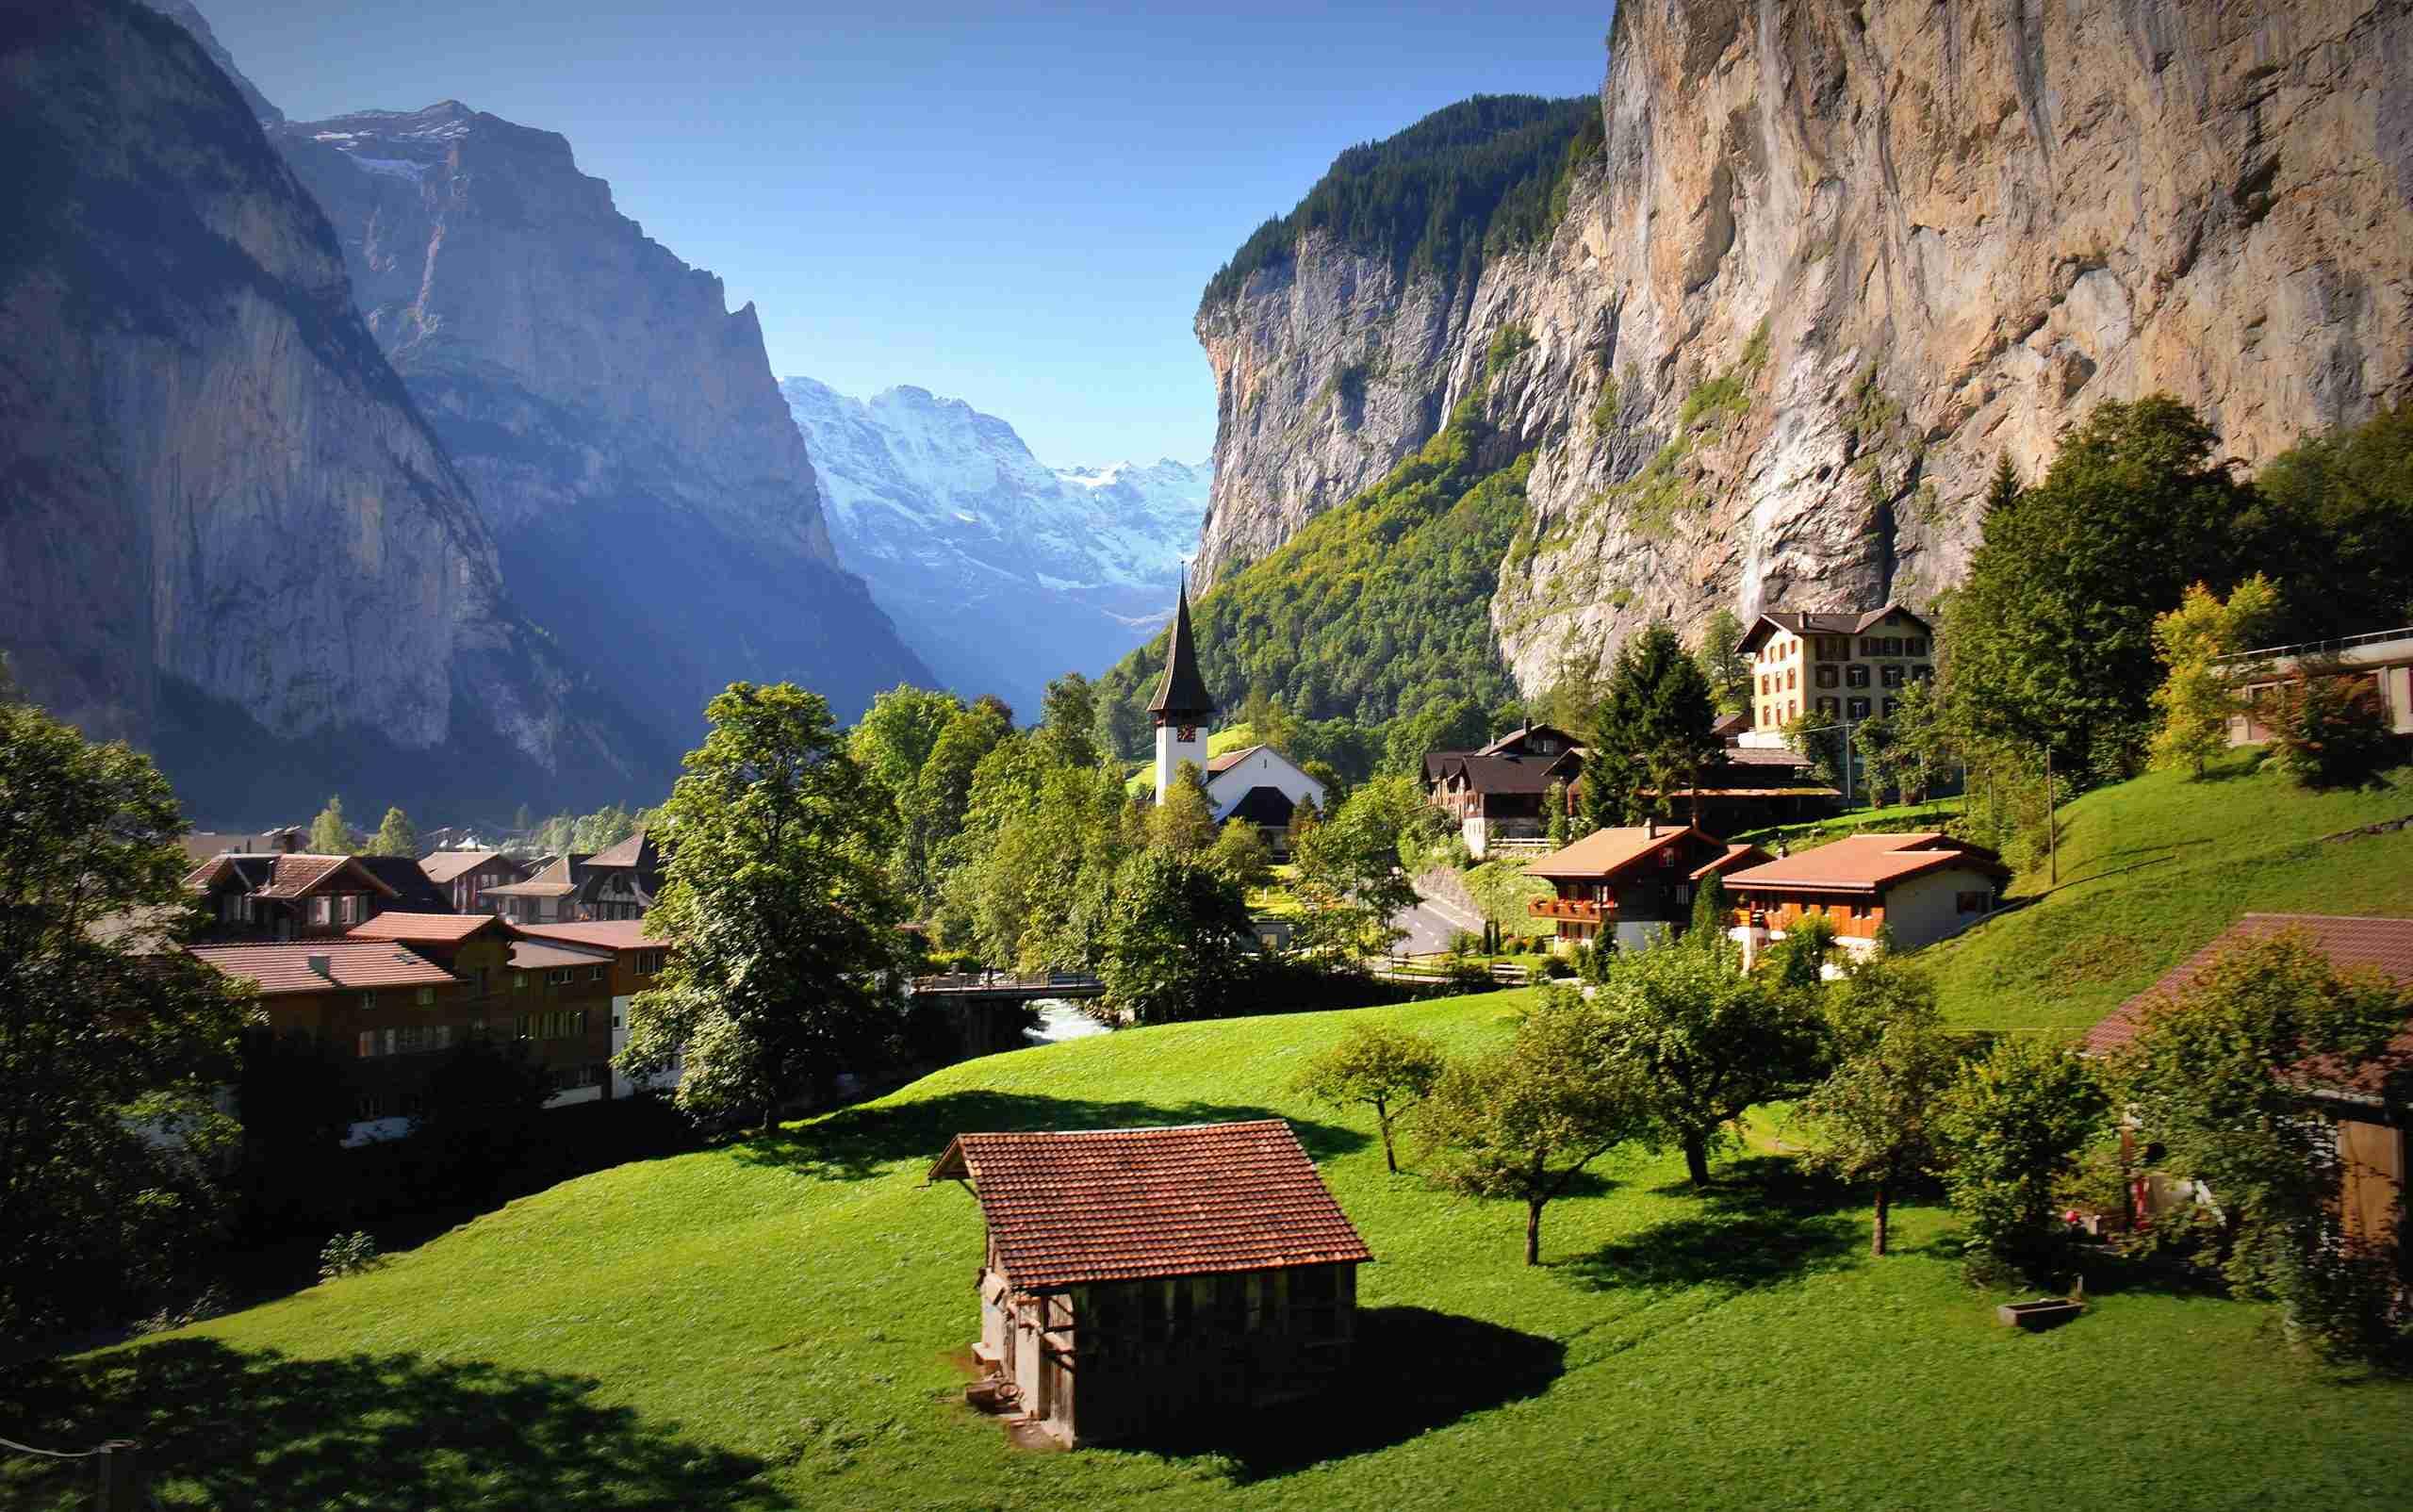 Switzerland in the post-coronavirus world